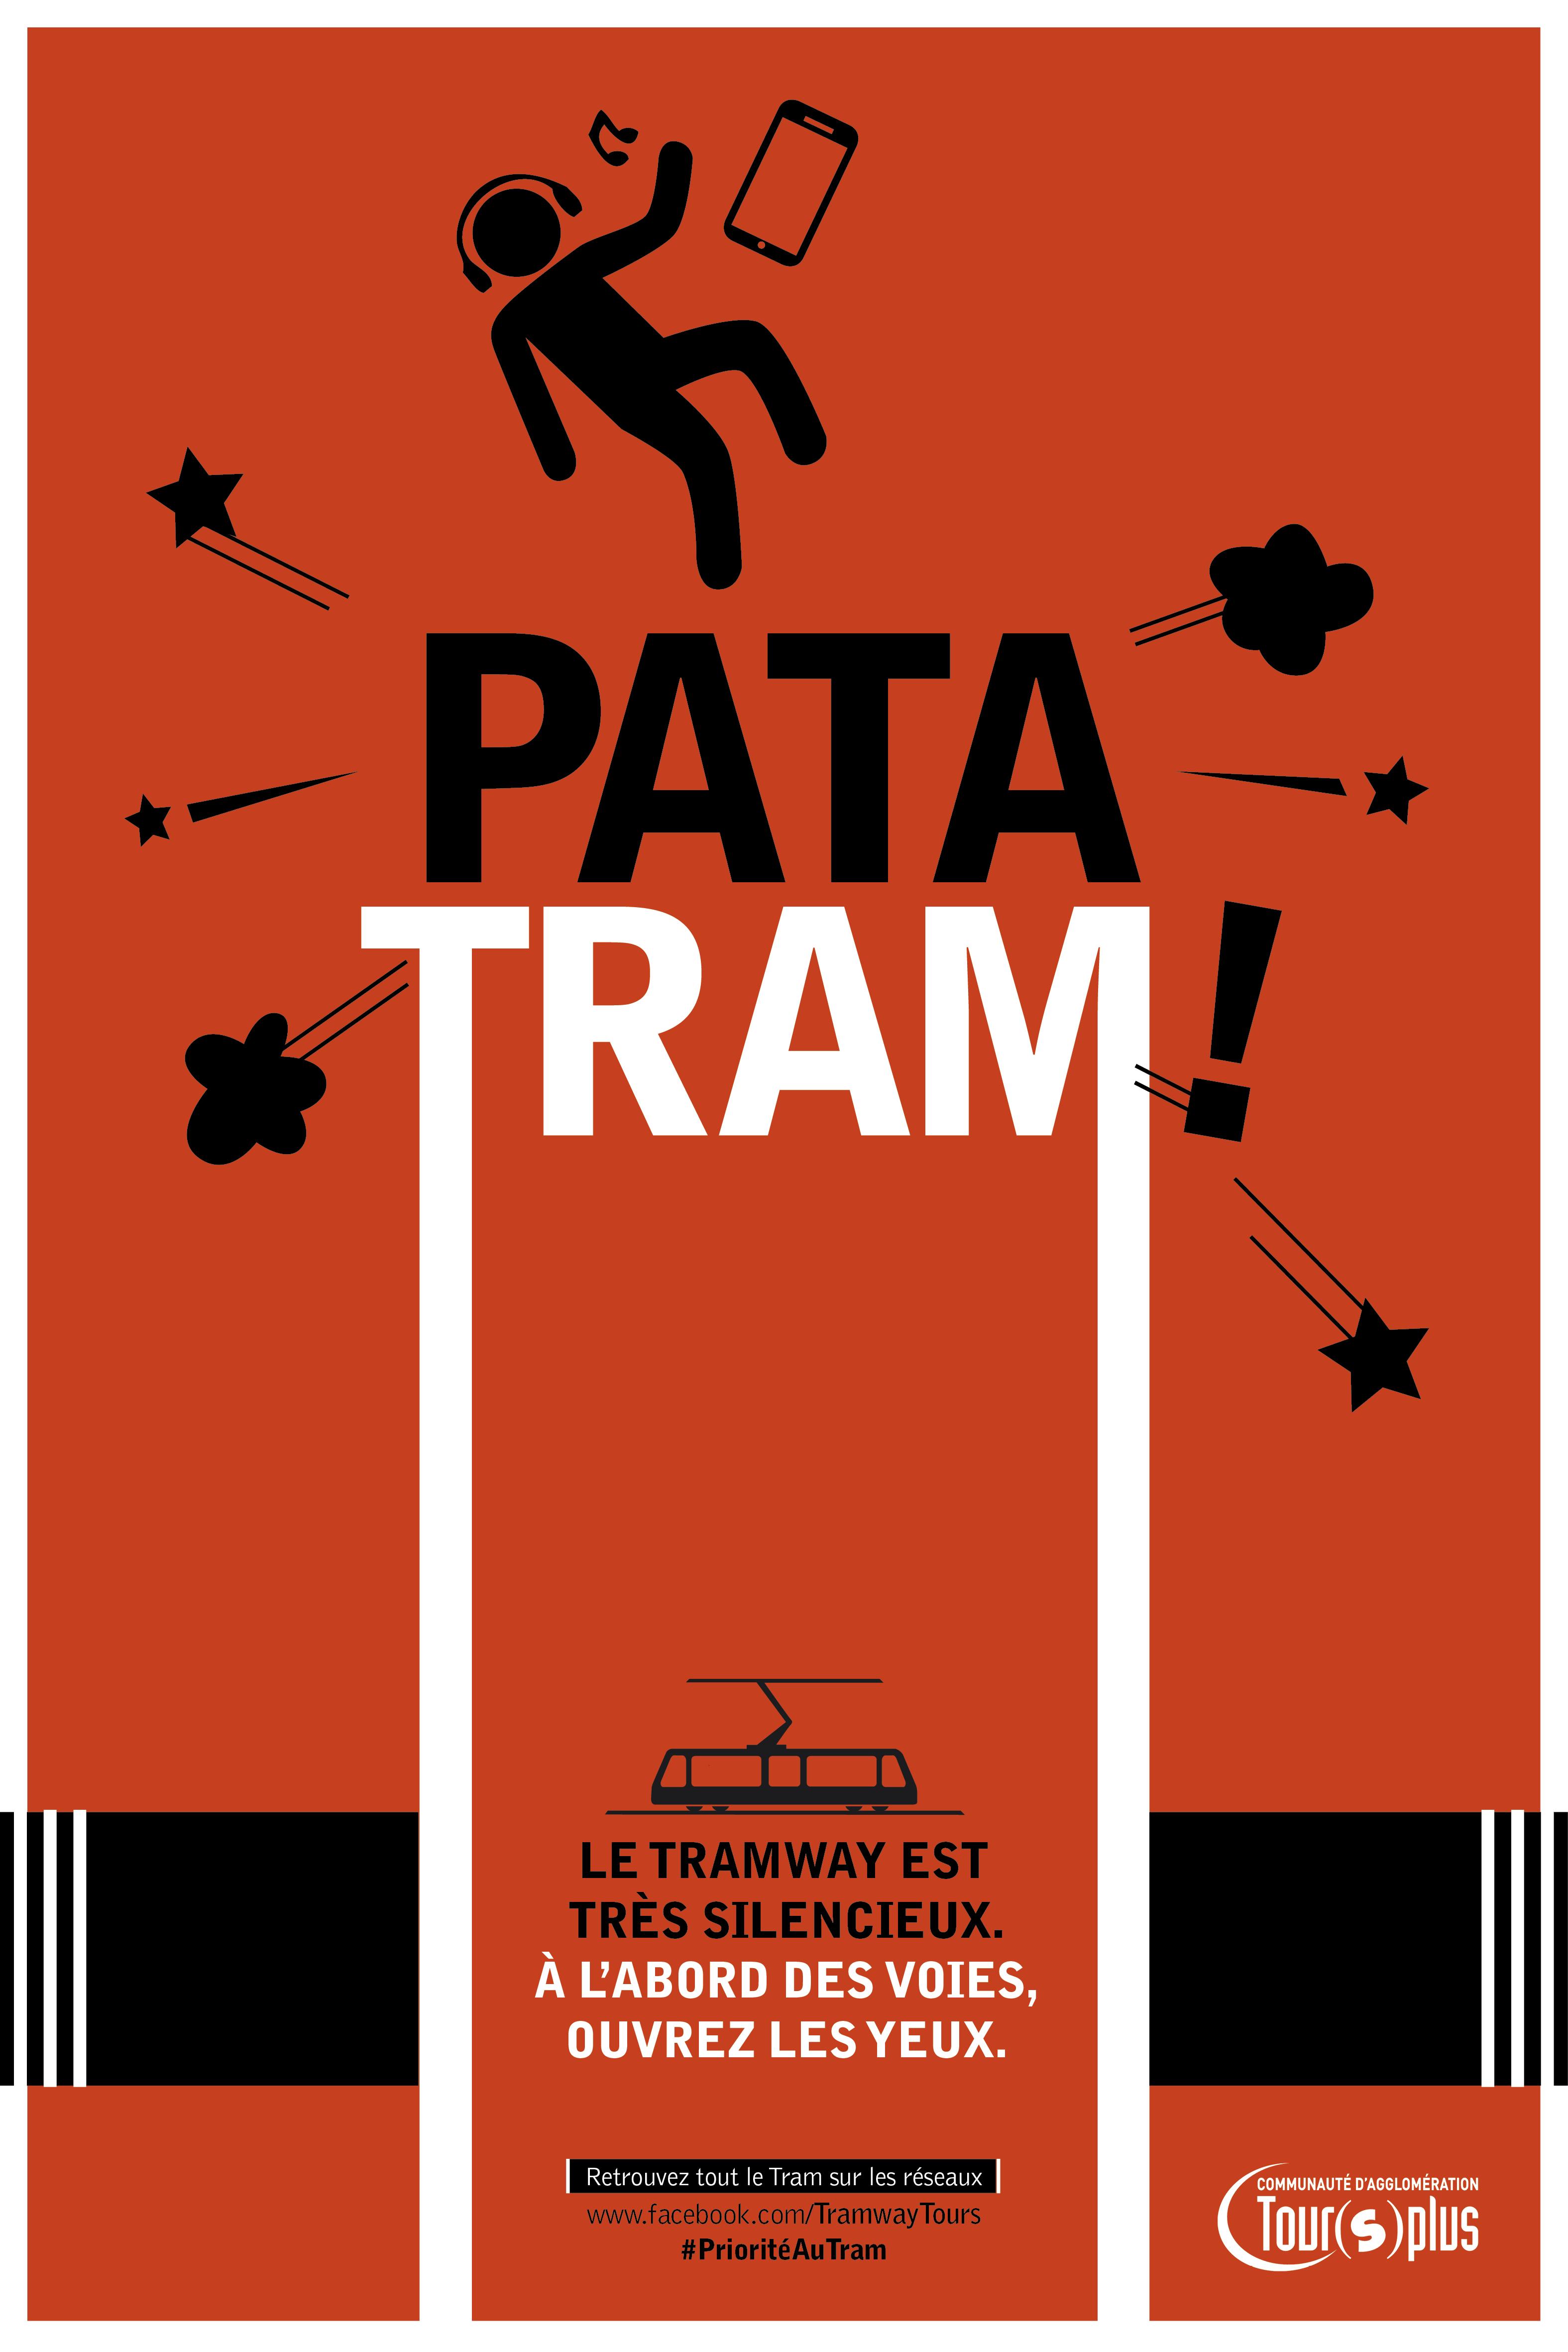 Patatram3